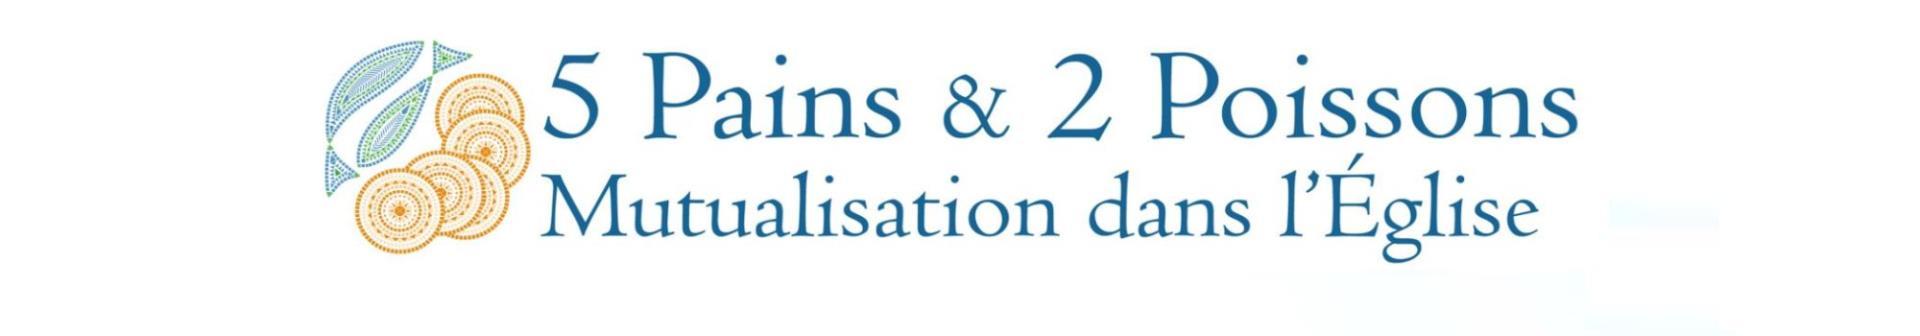 Rejoignez la mutualisation dans l'Église  - 5 pains & 2 poissons